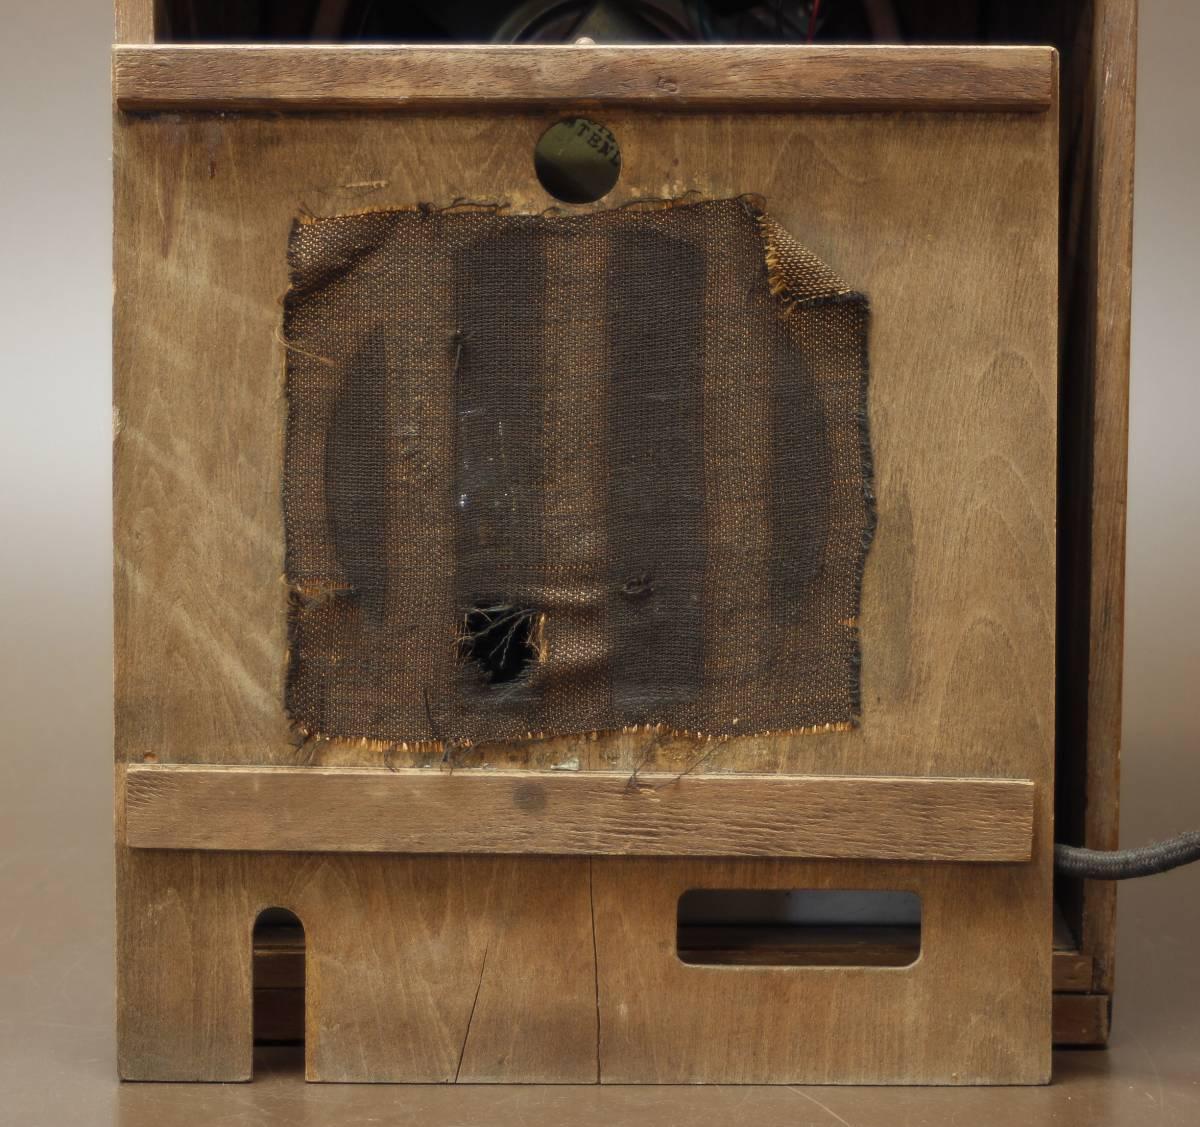 CROWN 480 古い真空管ラジオ ジャンク クラウン_画像8